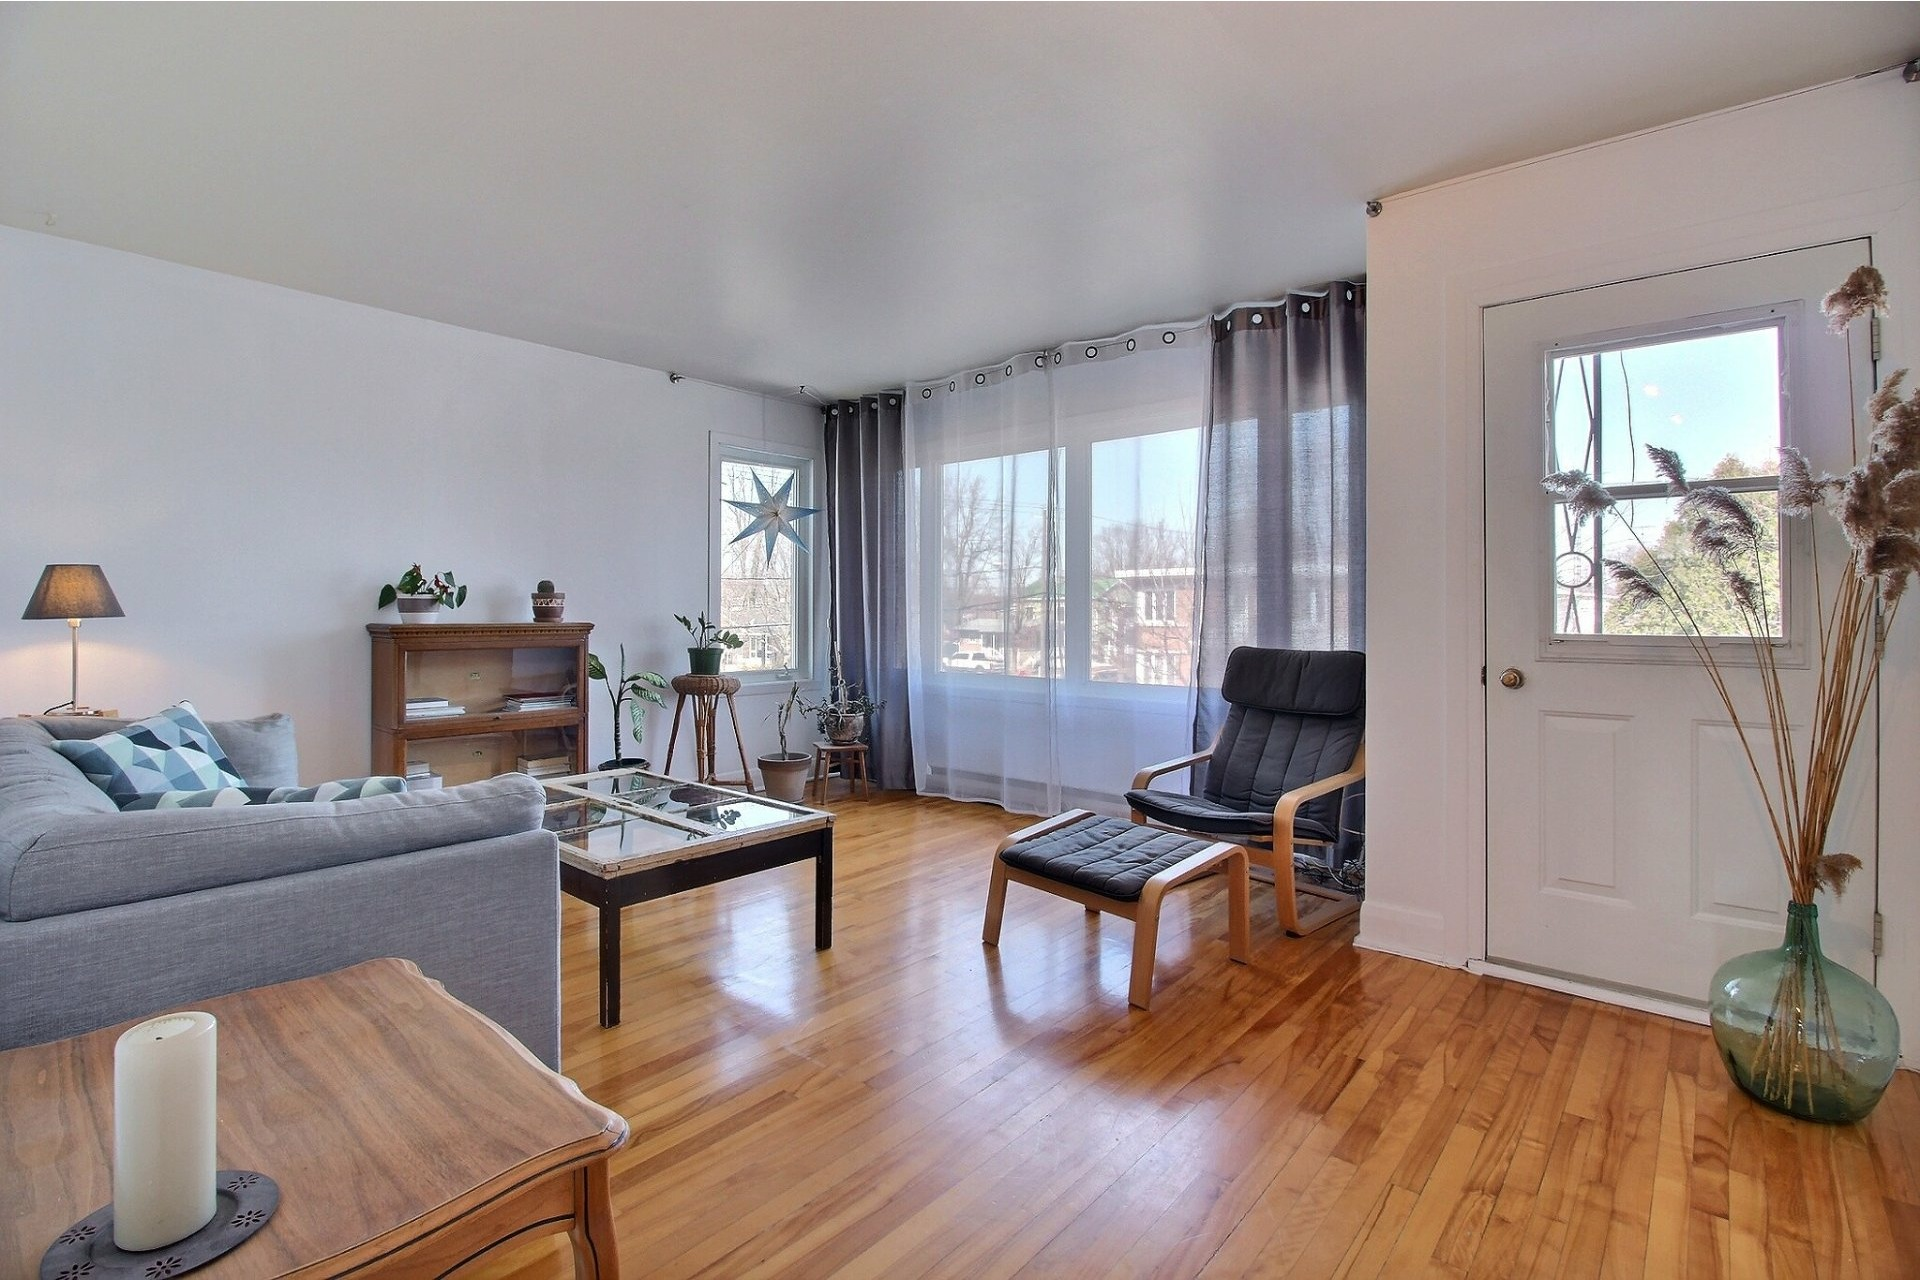 image 6 - Duplex For sale Joliette - 5 rooms